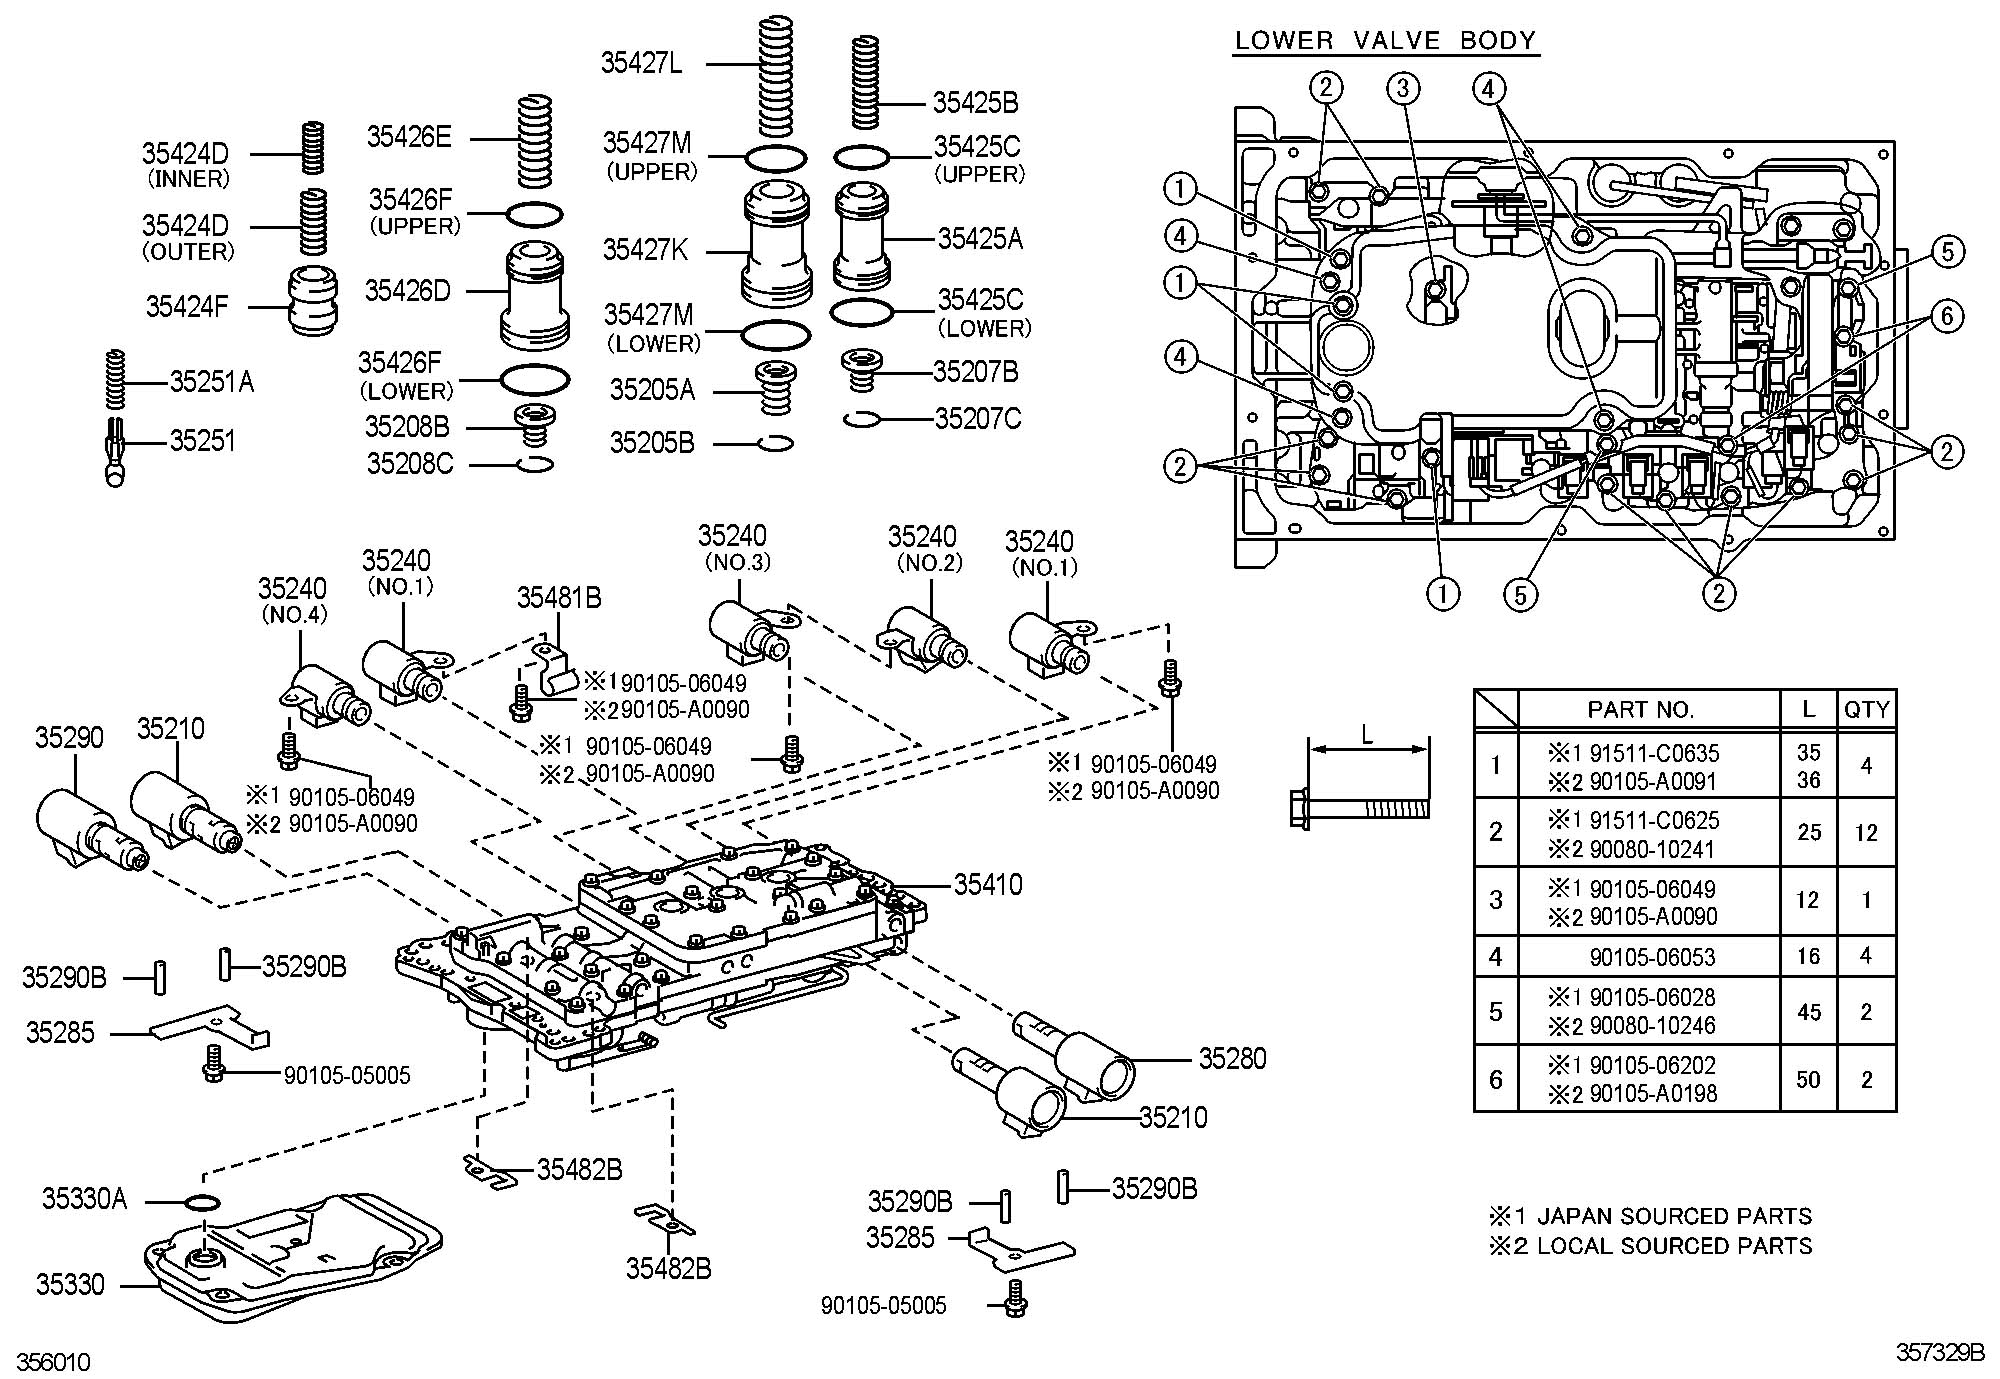 lexus gx 2007 fuse diagram